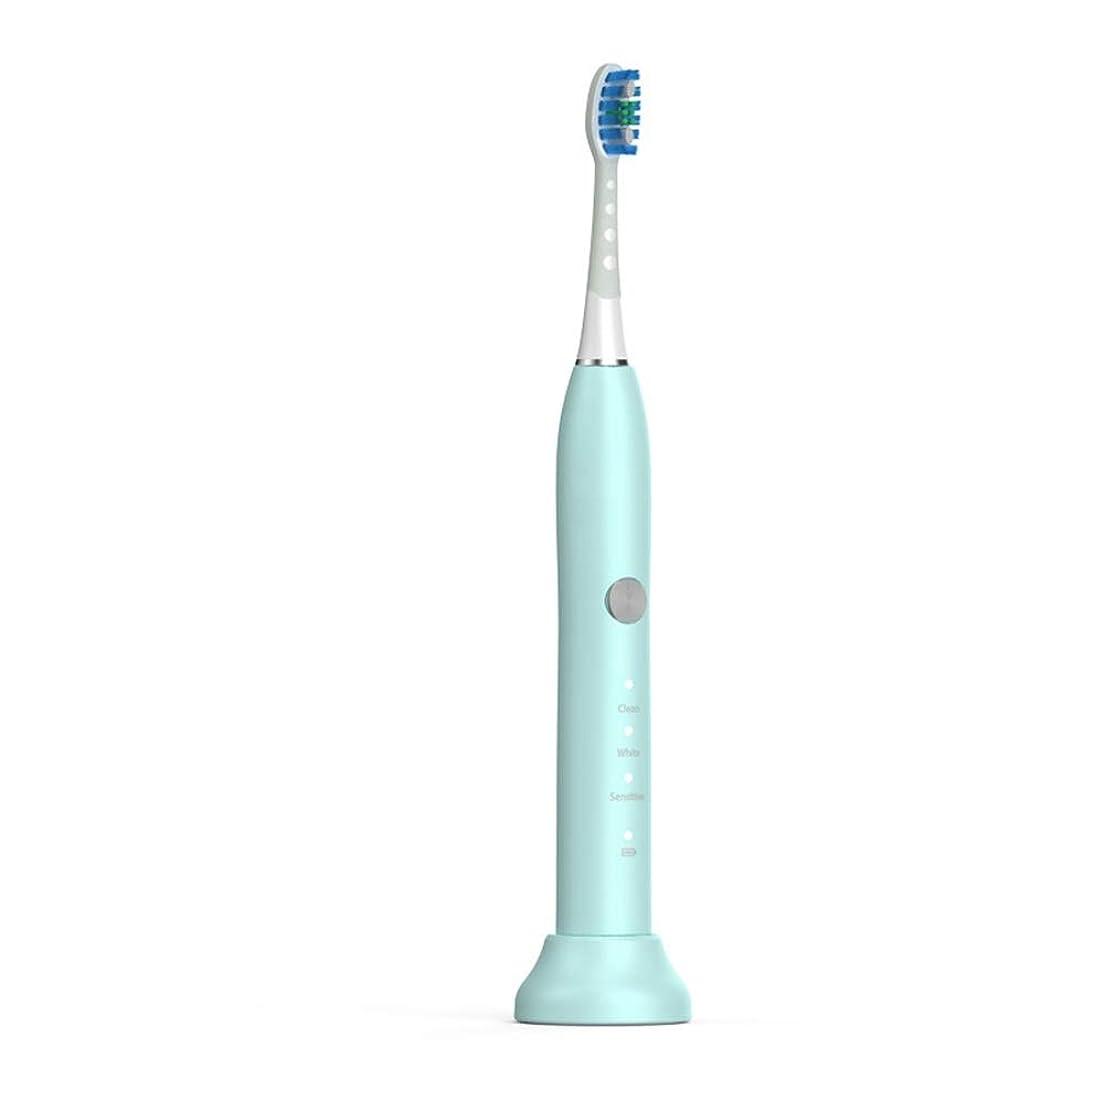 セージブーストオデュッセウス電動歯ブラシ USB充満基盤の歯科医が付いている大人の緑の電動歯ブラシは推薦しました (色 : 緑, サイズ : Free size)